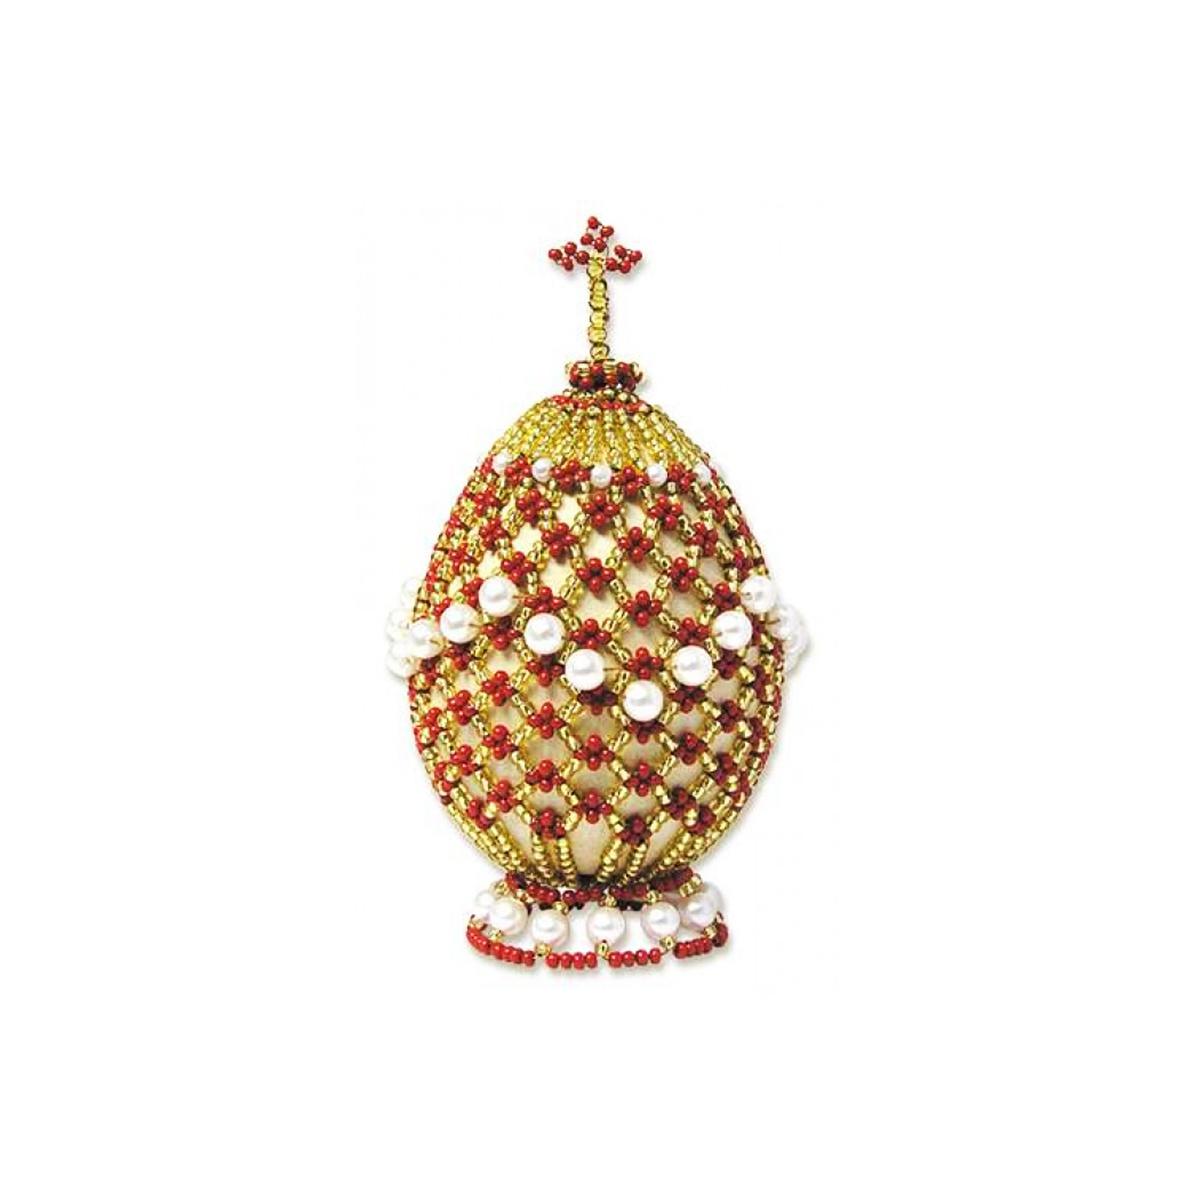 Б024 Набор для бисероплетения Riolis 'Яйцо пасхальное 2', 5*9,5 см